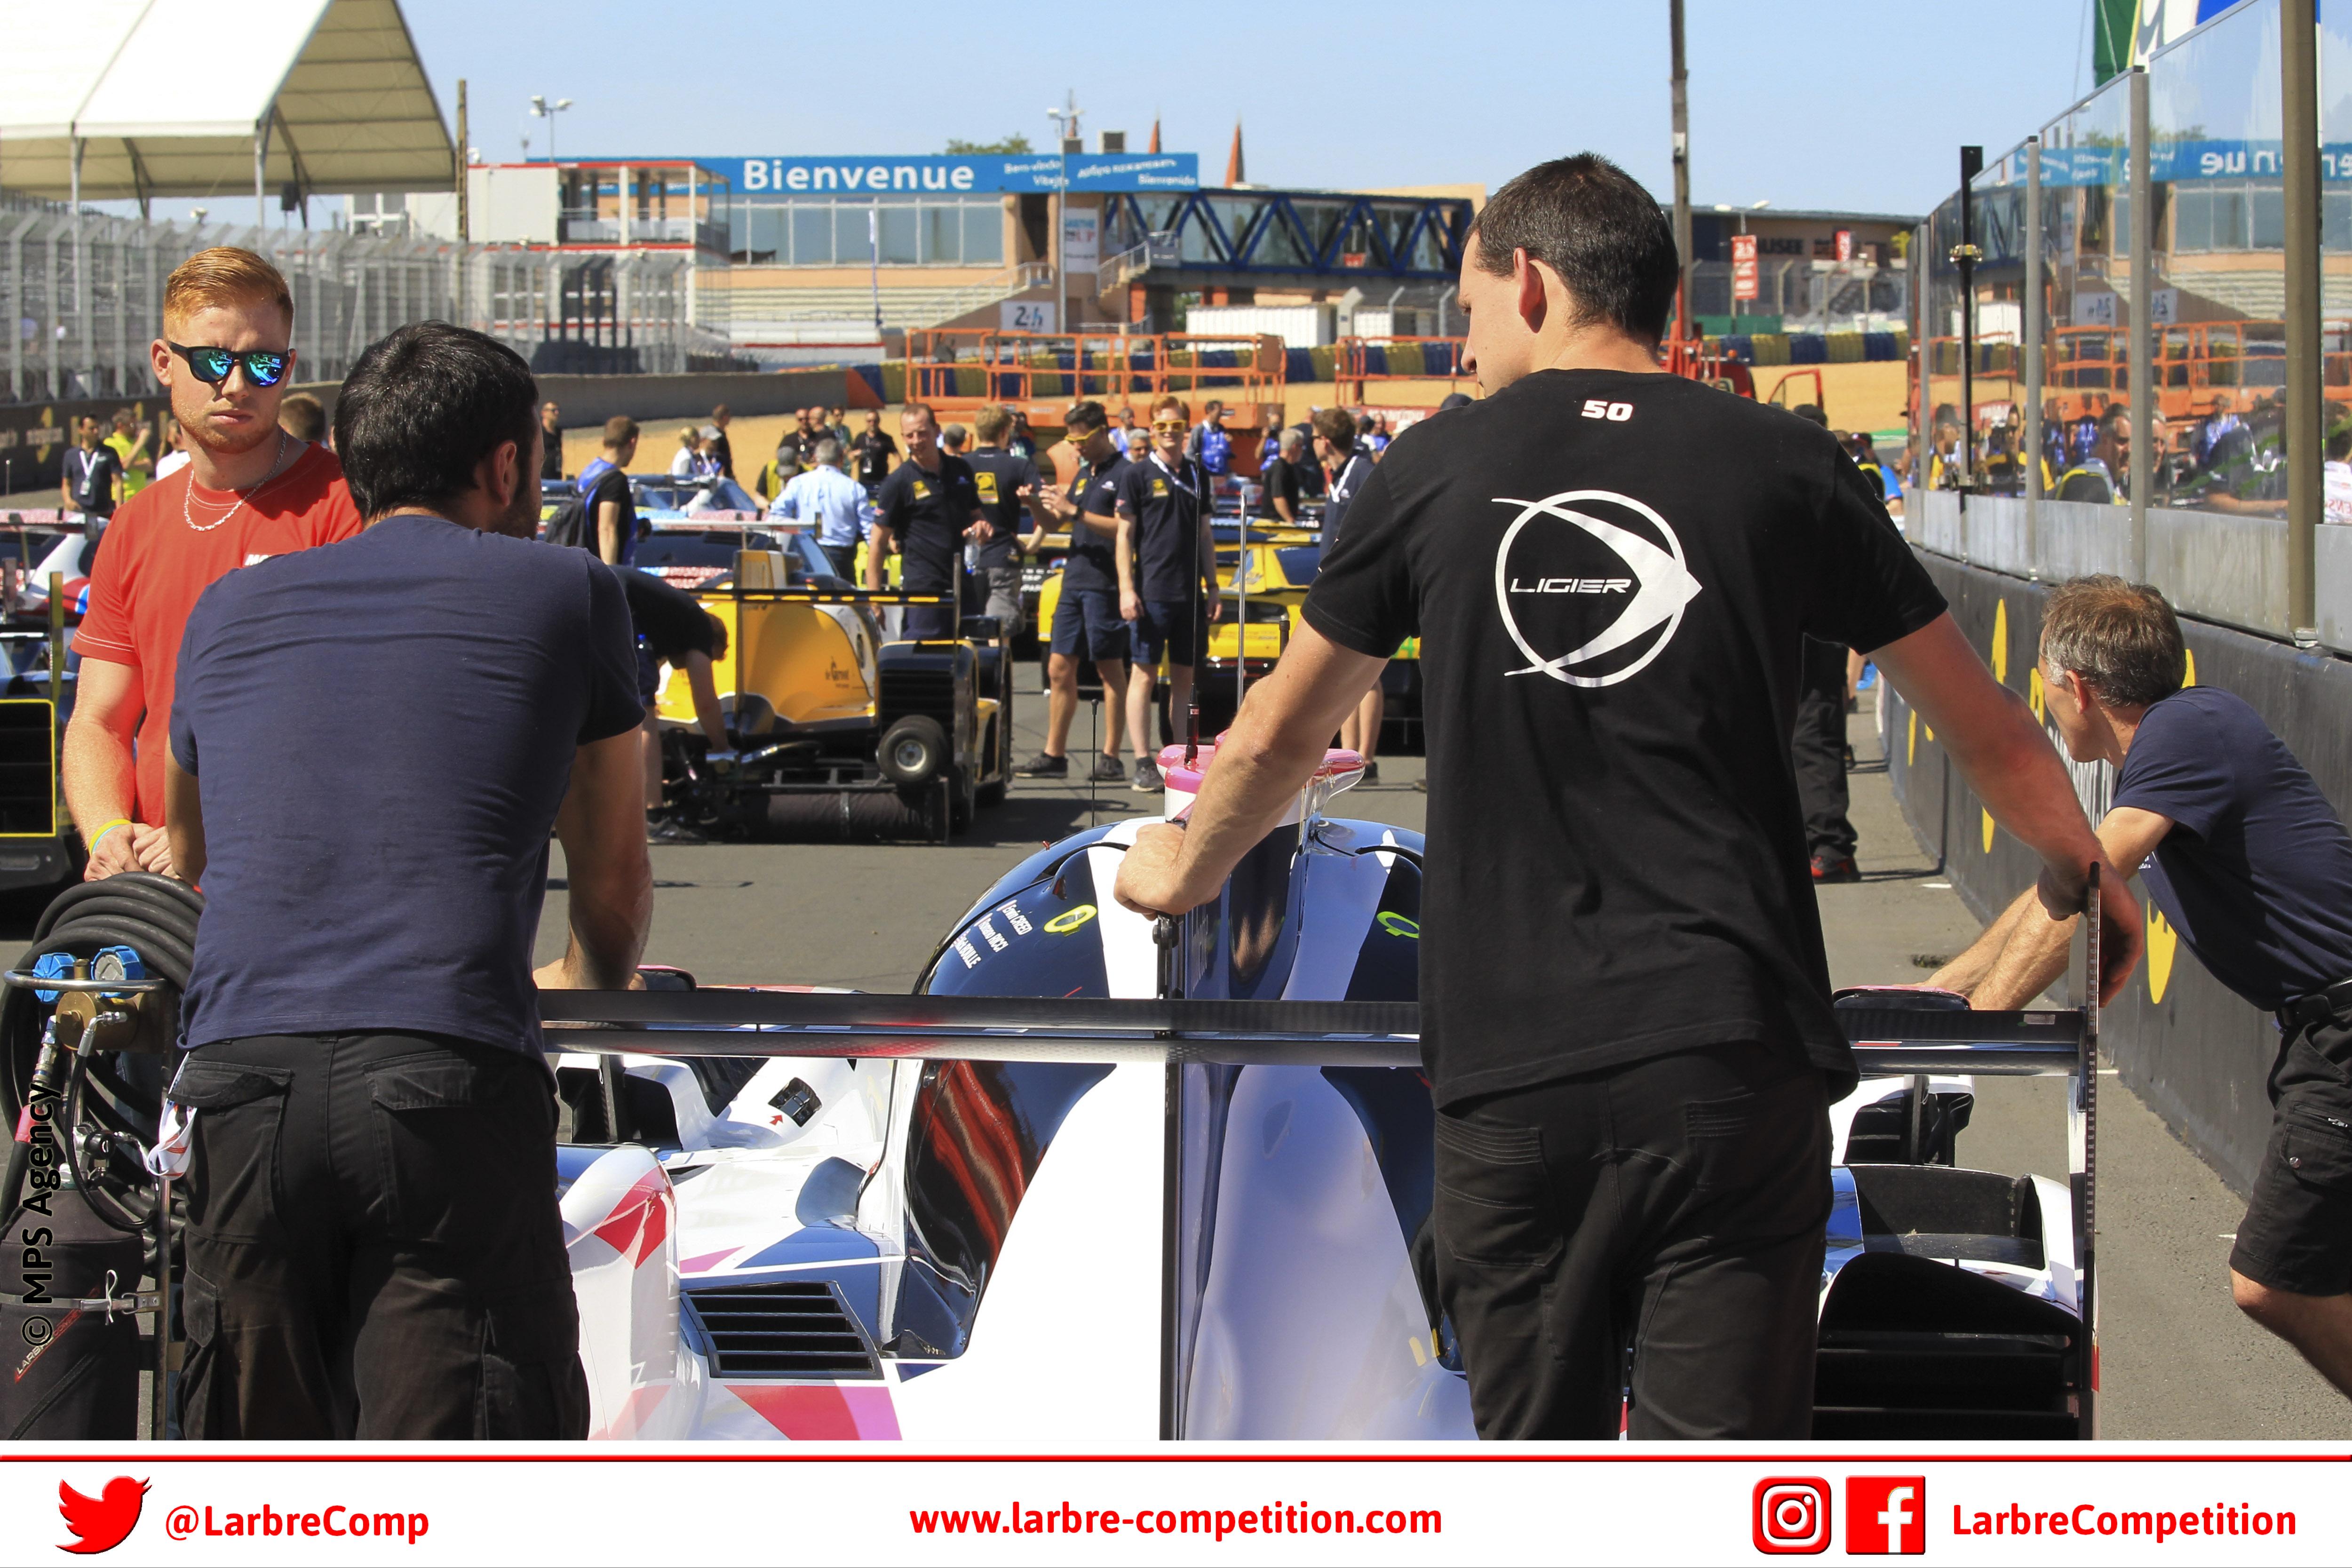 MOTORSPORT : FIA WEC - ROUND 8 - TEST DAY 24 HOURS OF LE MANS (FRA) 06/02/2019